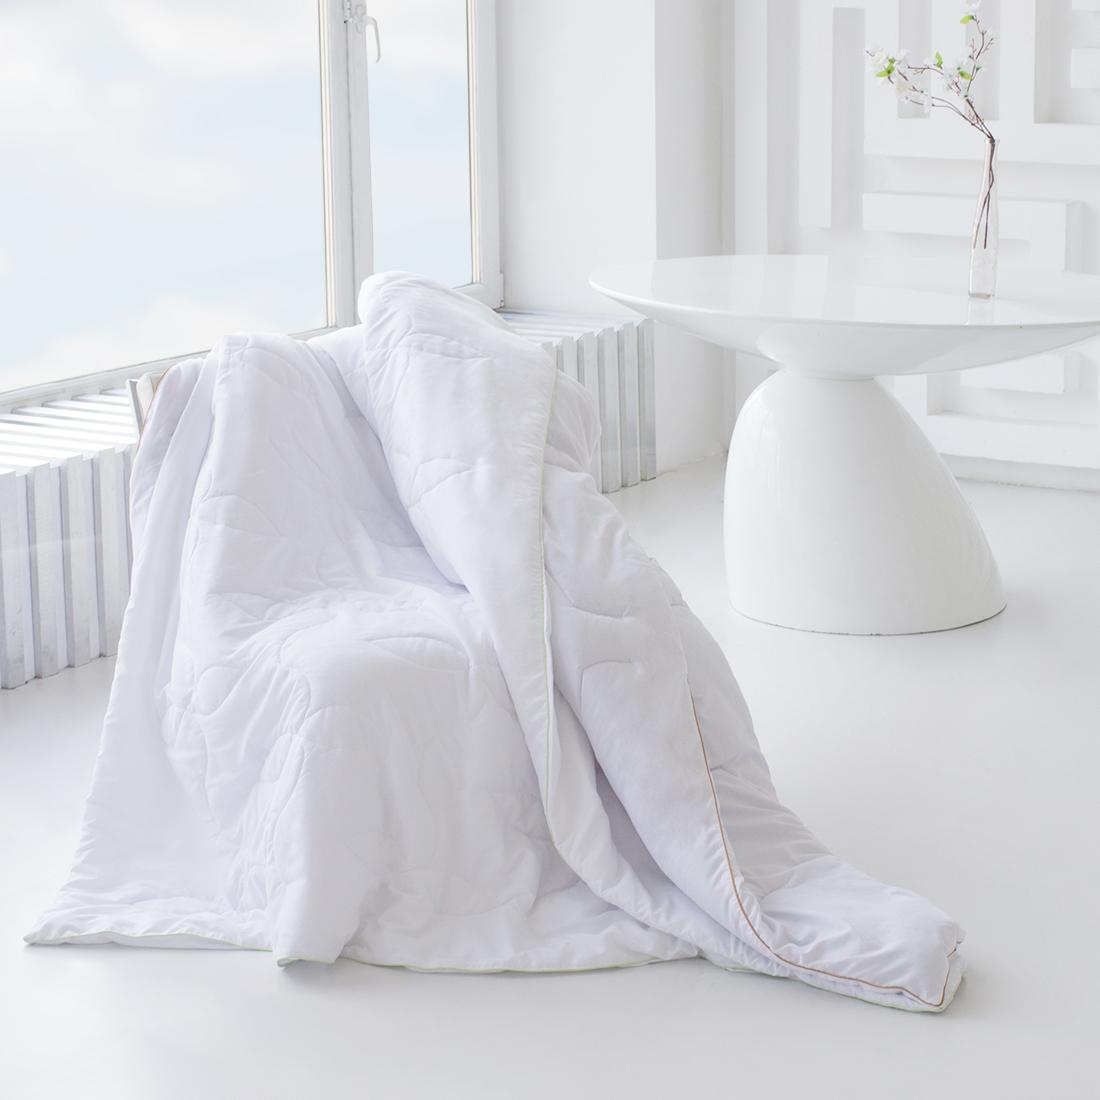 Комплект одеял Sleep iX, на магнитах 3 в 1, 140 х 205 см комплект для спальни sleep ix multi set евро макси цвет оранжевый рыжий 6 предметов pva221648